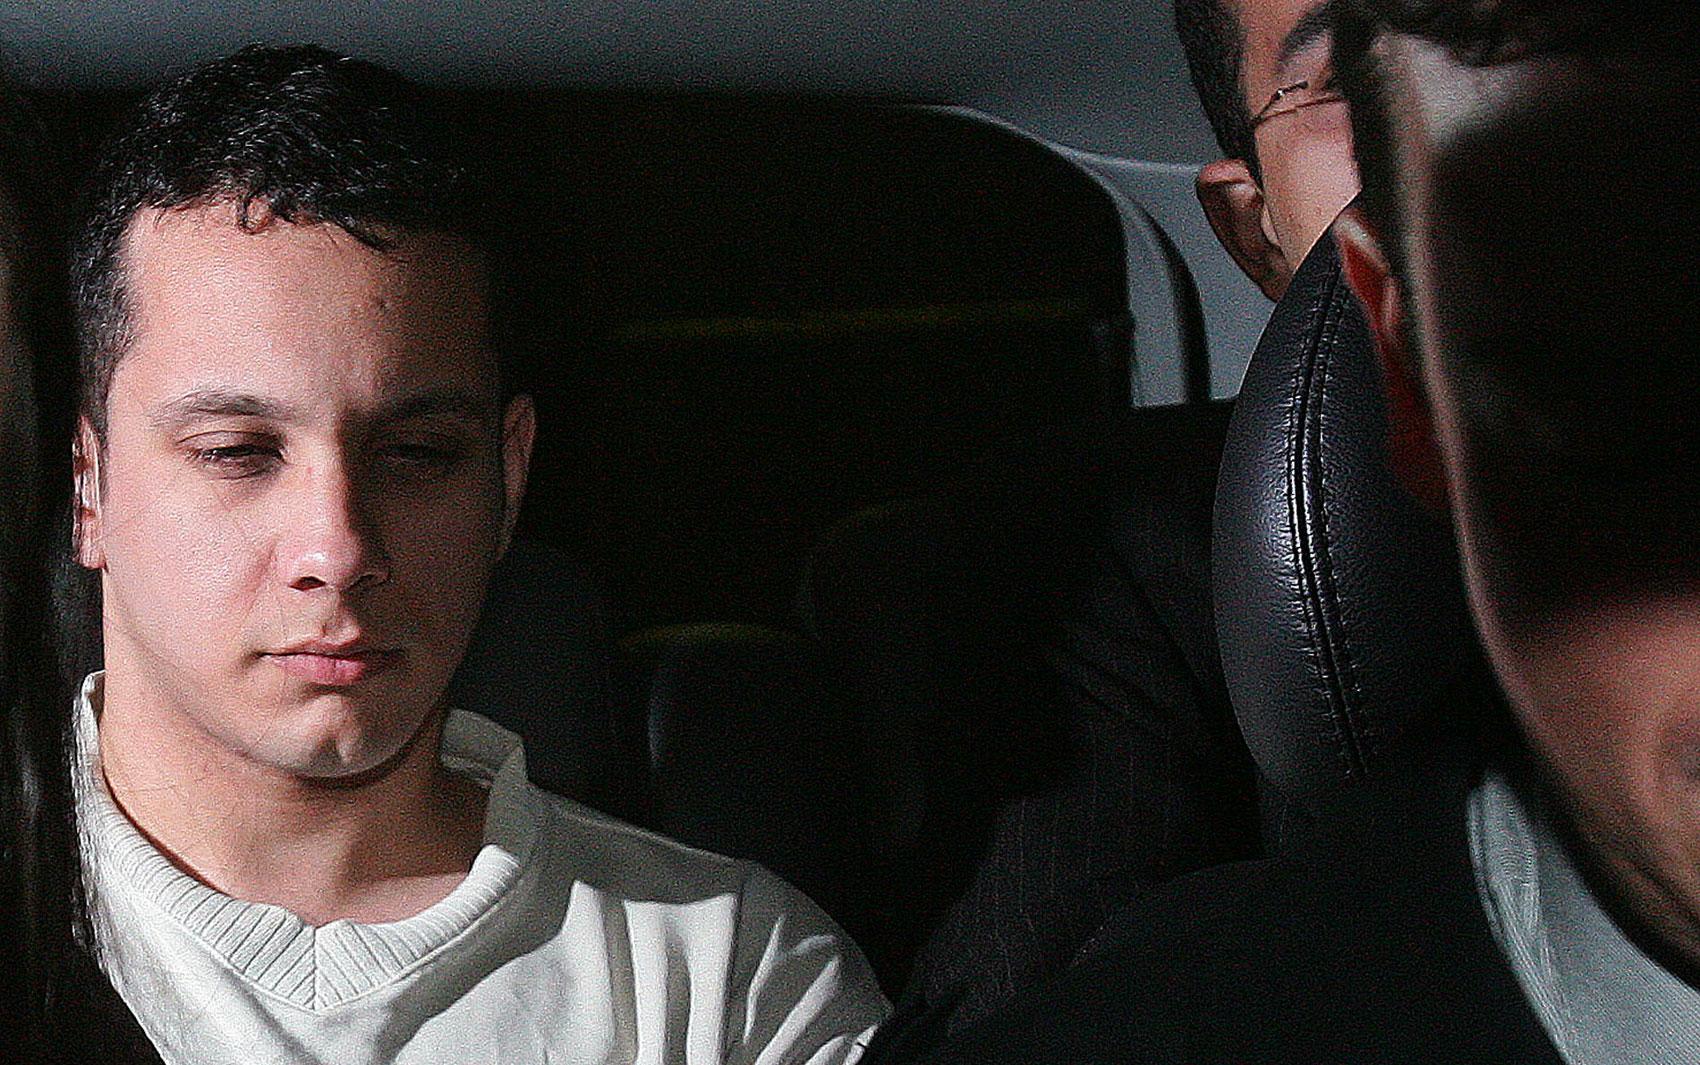 19/4/2006 - Após passar dois anos na prisão, Gil Rugai deixa o Centro de Detenção Provisória (CDP) de Pinheiros, zona oeste de São Paulo, sob a alegação de que ficou preso demasiado tempo sem a perspectiva de um julgamento próximo.